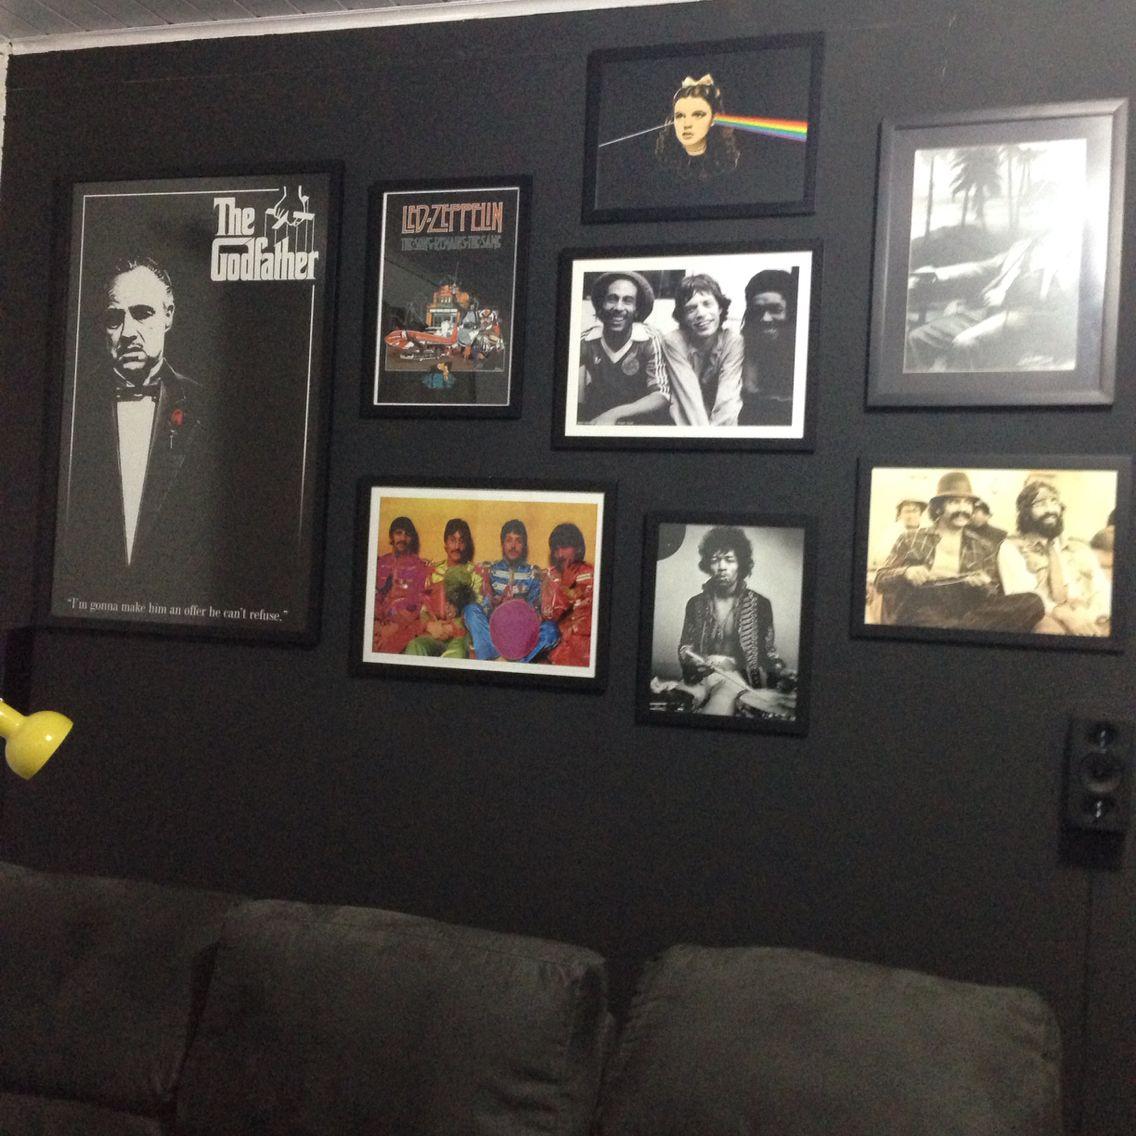 Cinema e música na parede preta